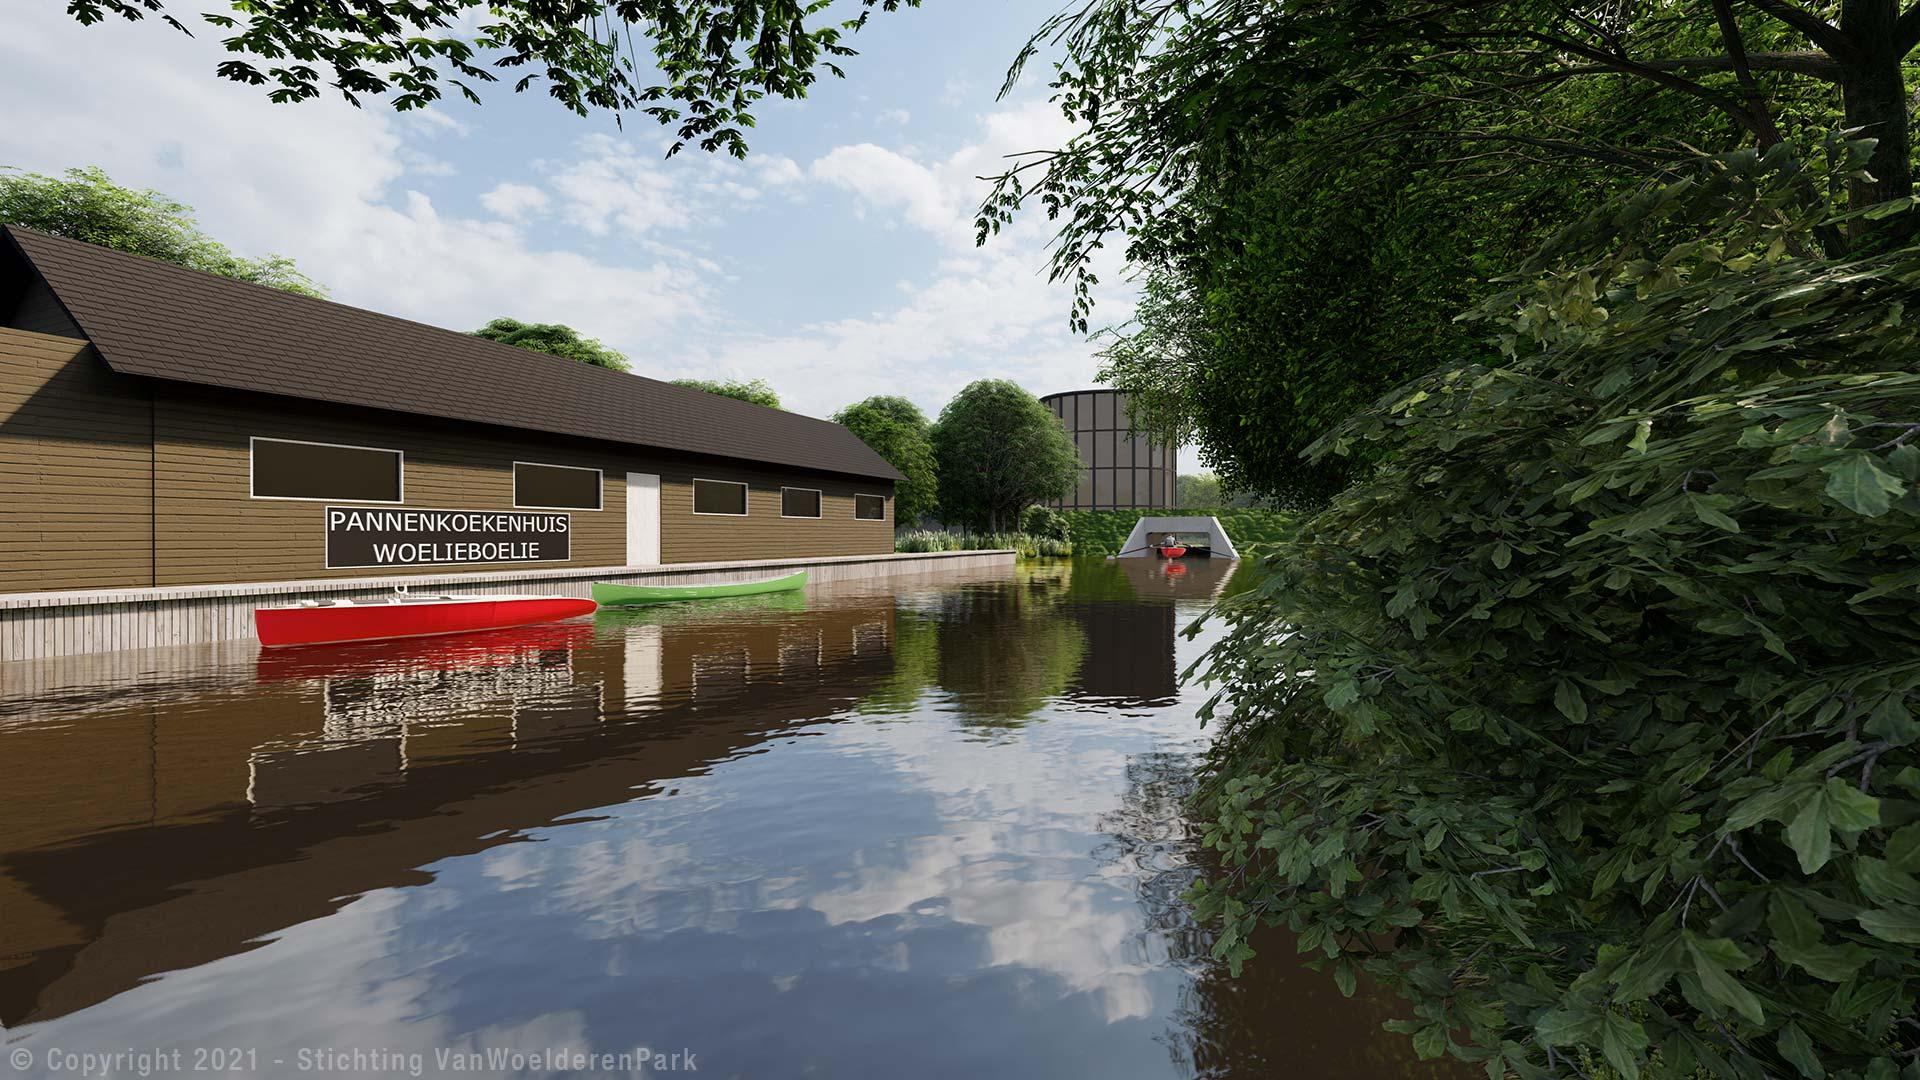 streefbeeld-stichting-van-woelderen-park-2021-kanovijver-na